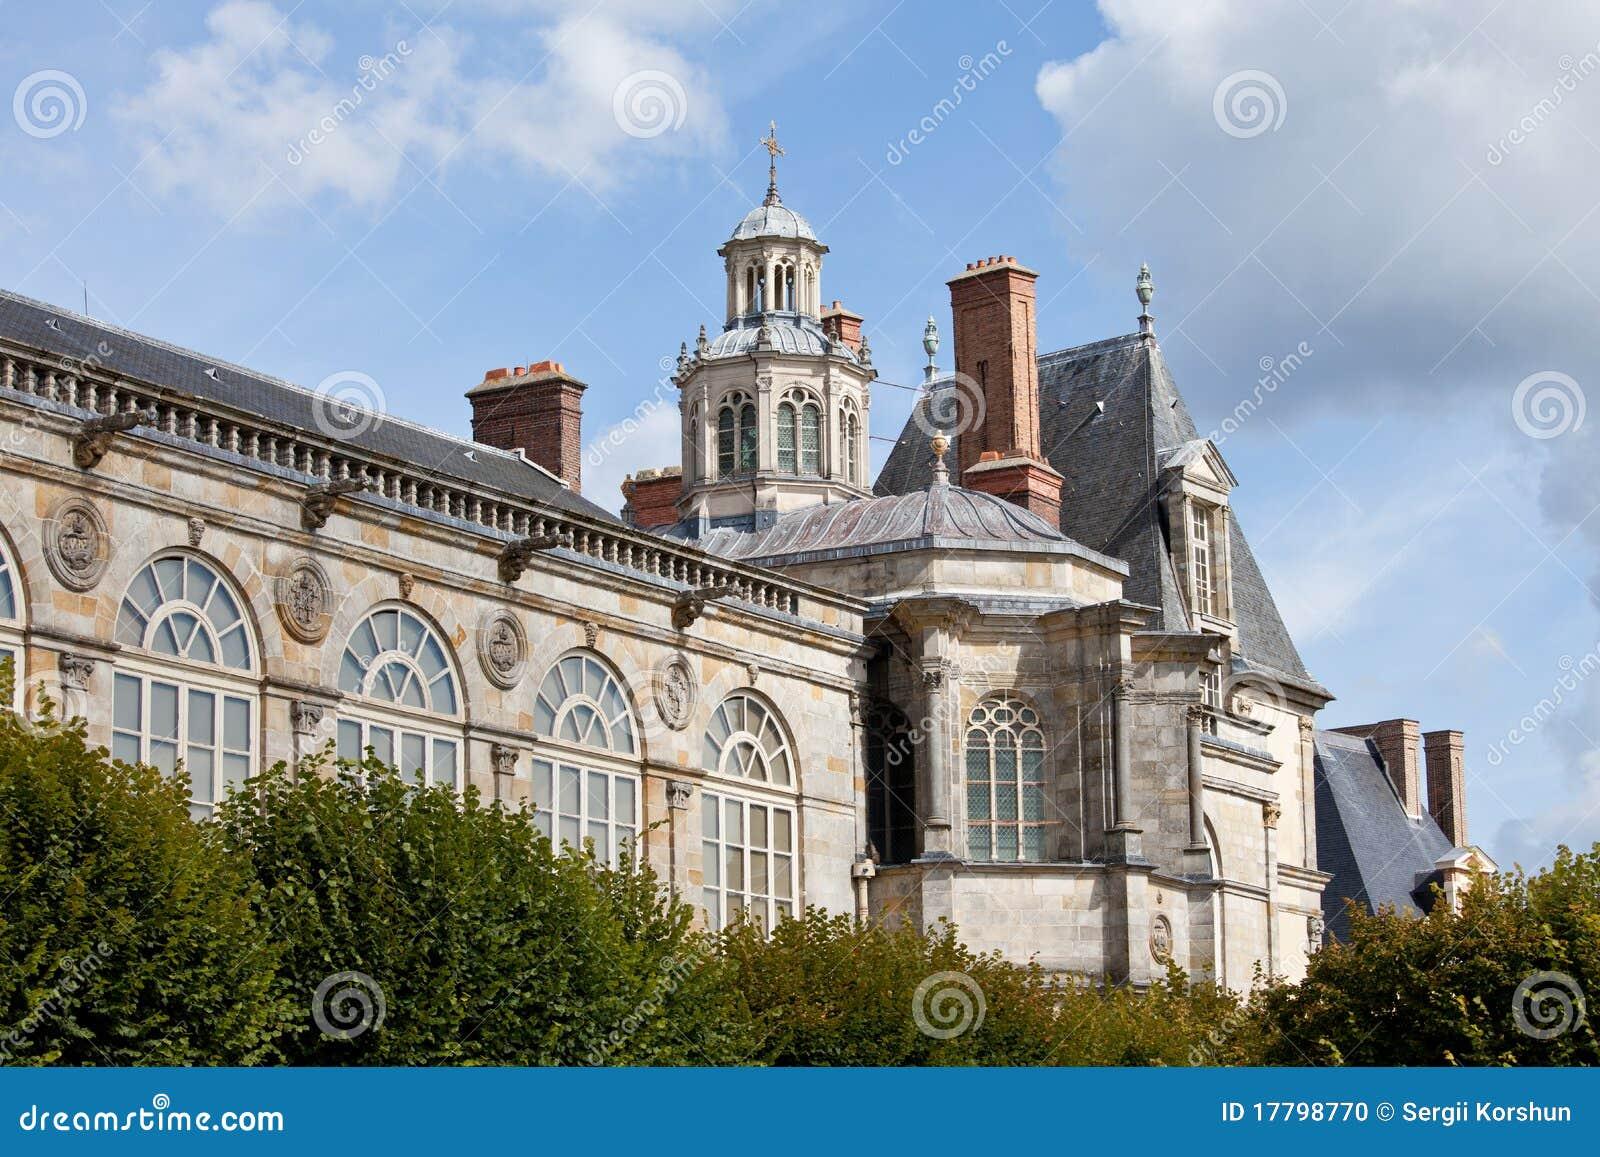 Middeleeuws koninklijk kasteel Fontainbleau dichtbij Parijs